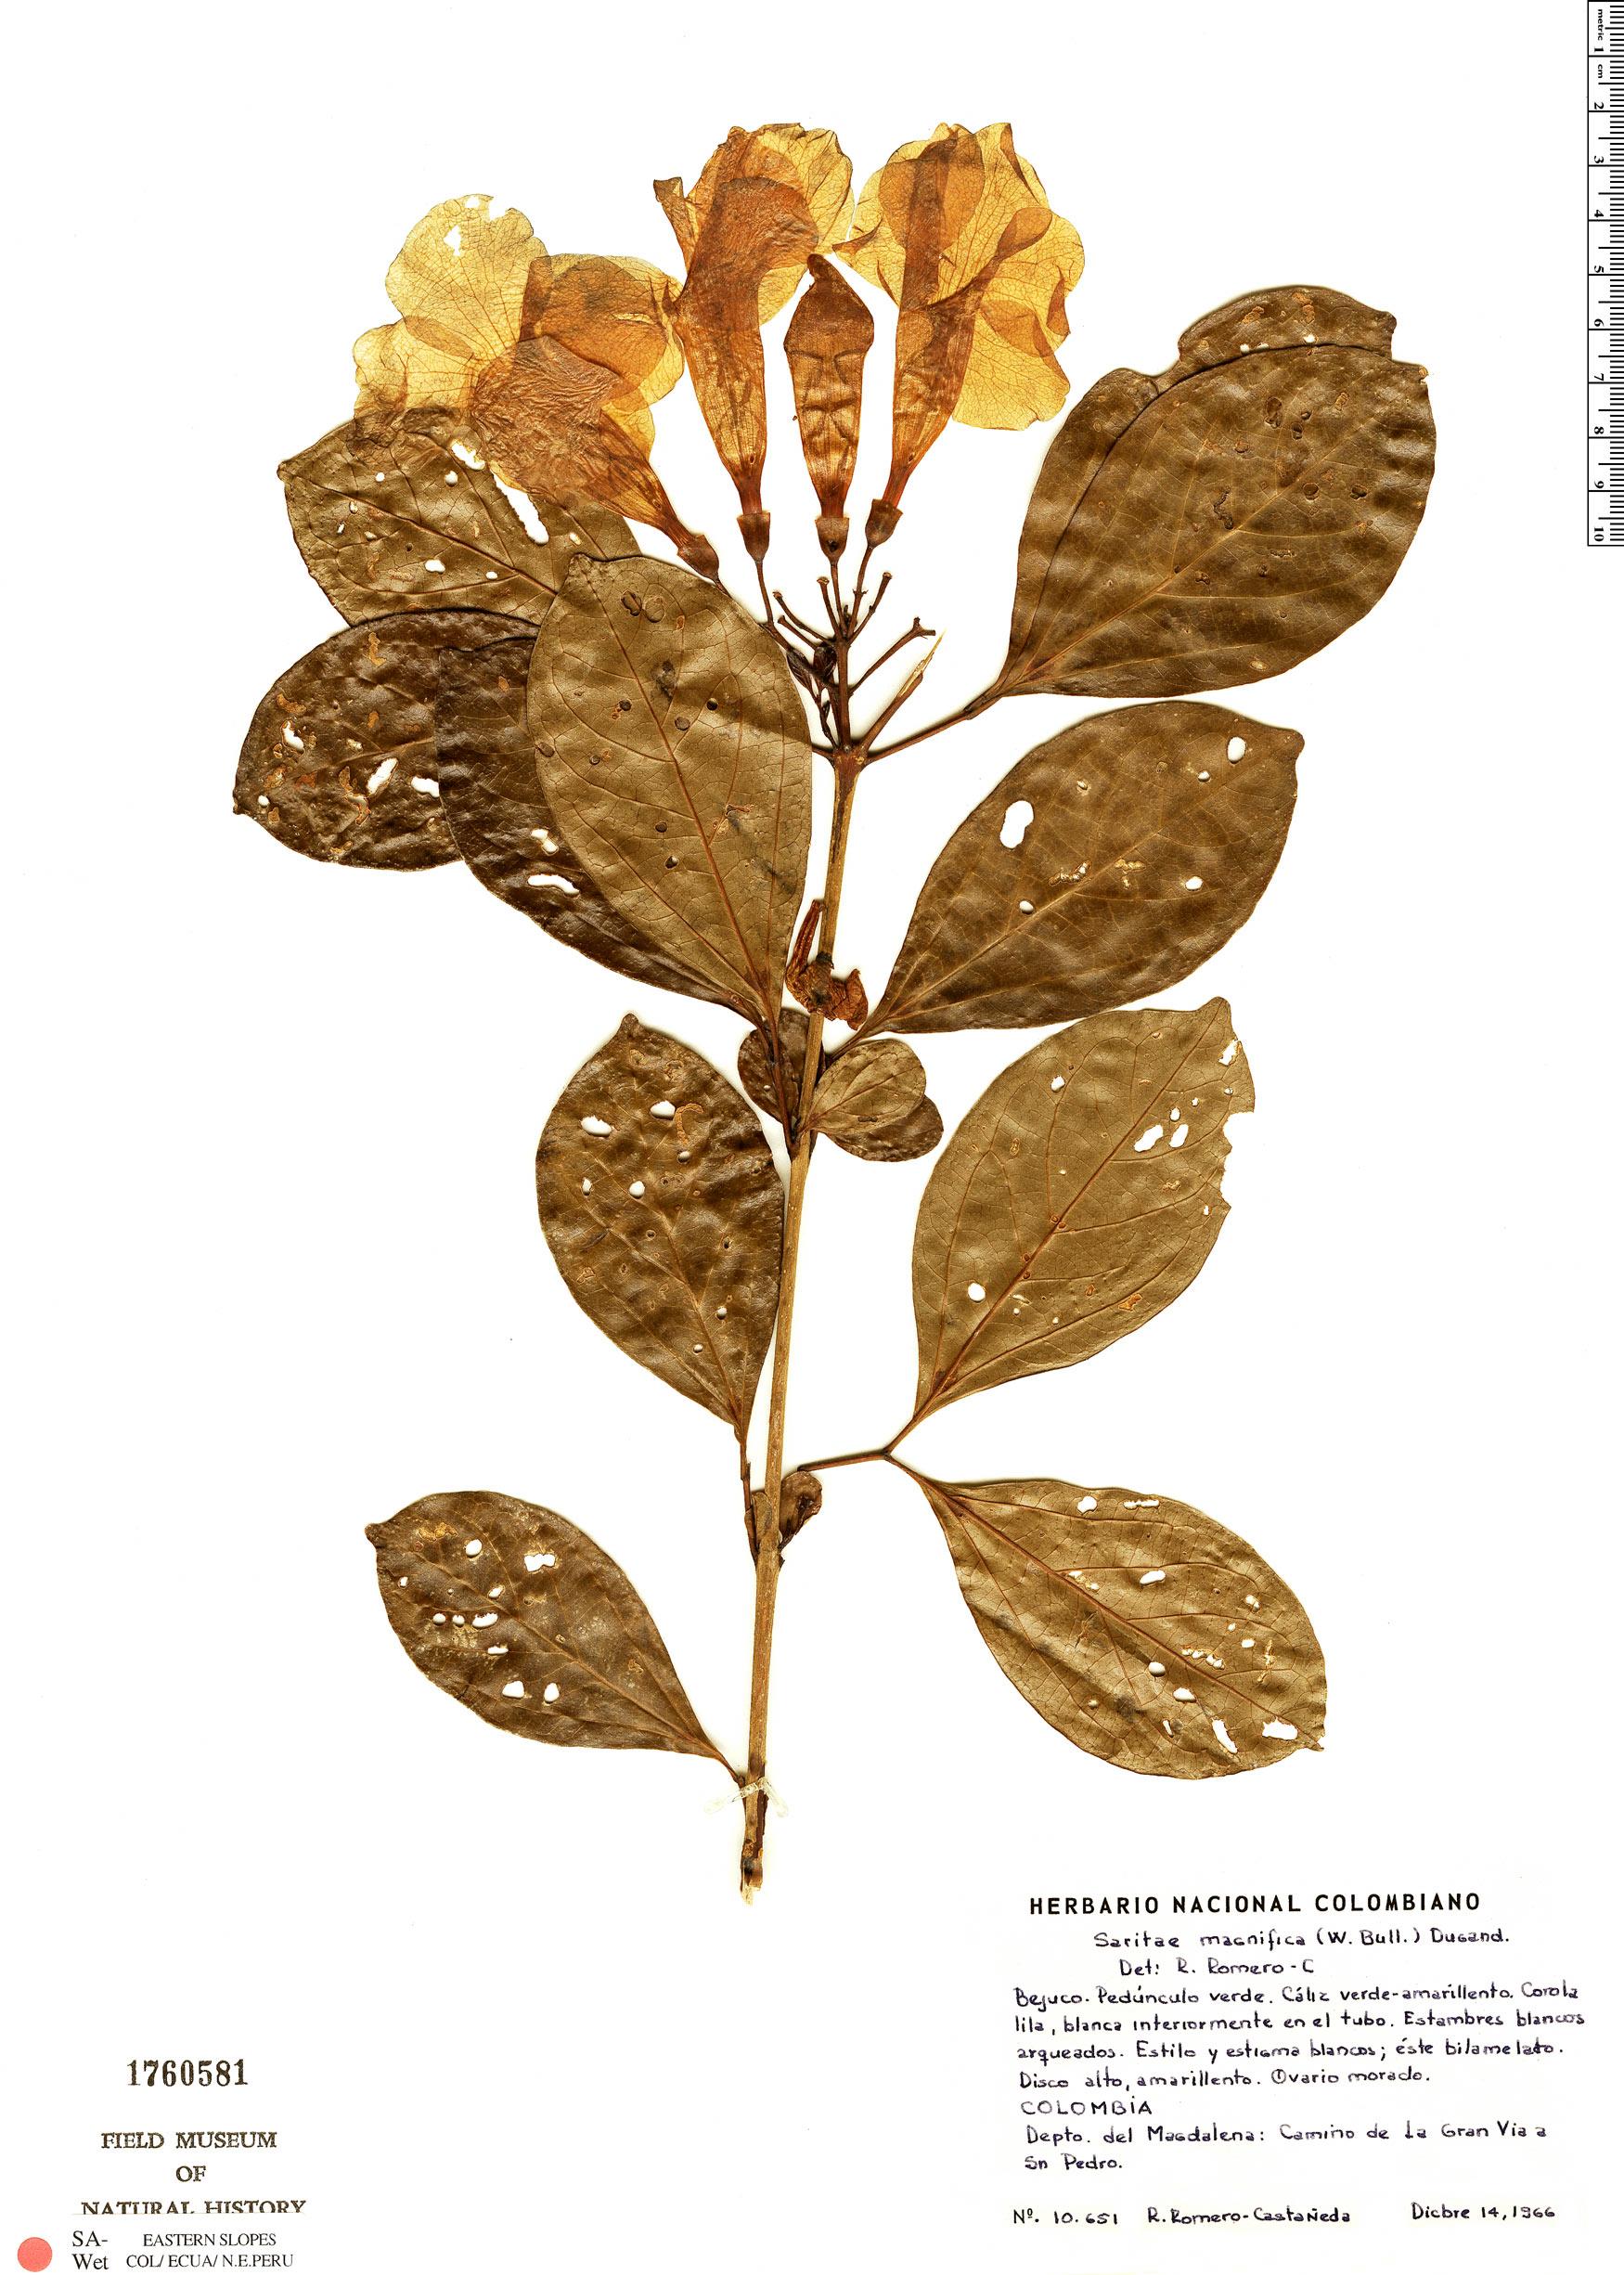 Specimen: Bignonia magnifica